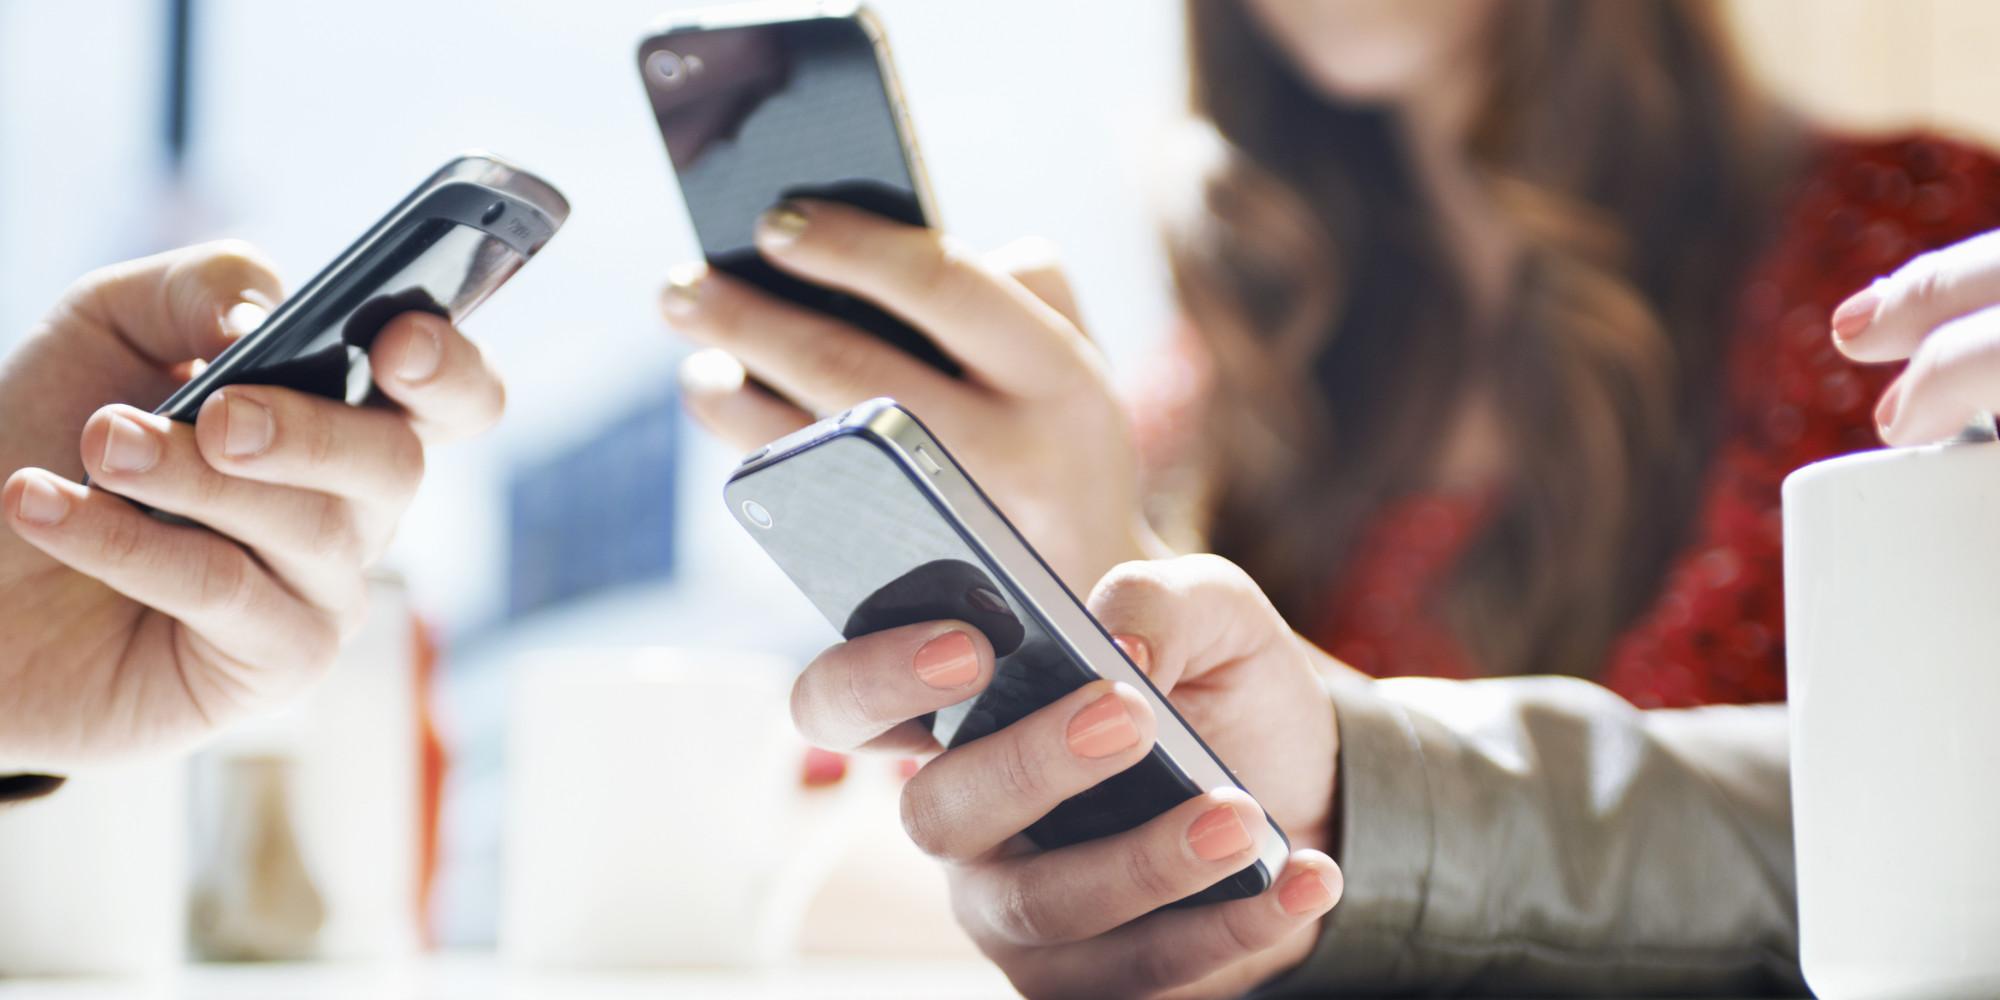 Governo terá acesso à localização de celulares para monitorar quarentena